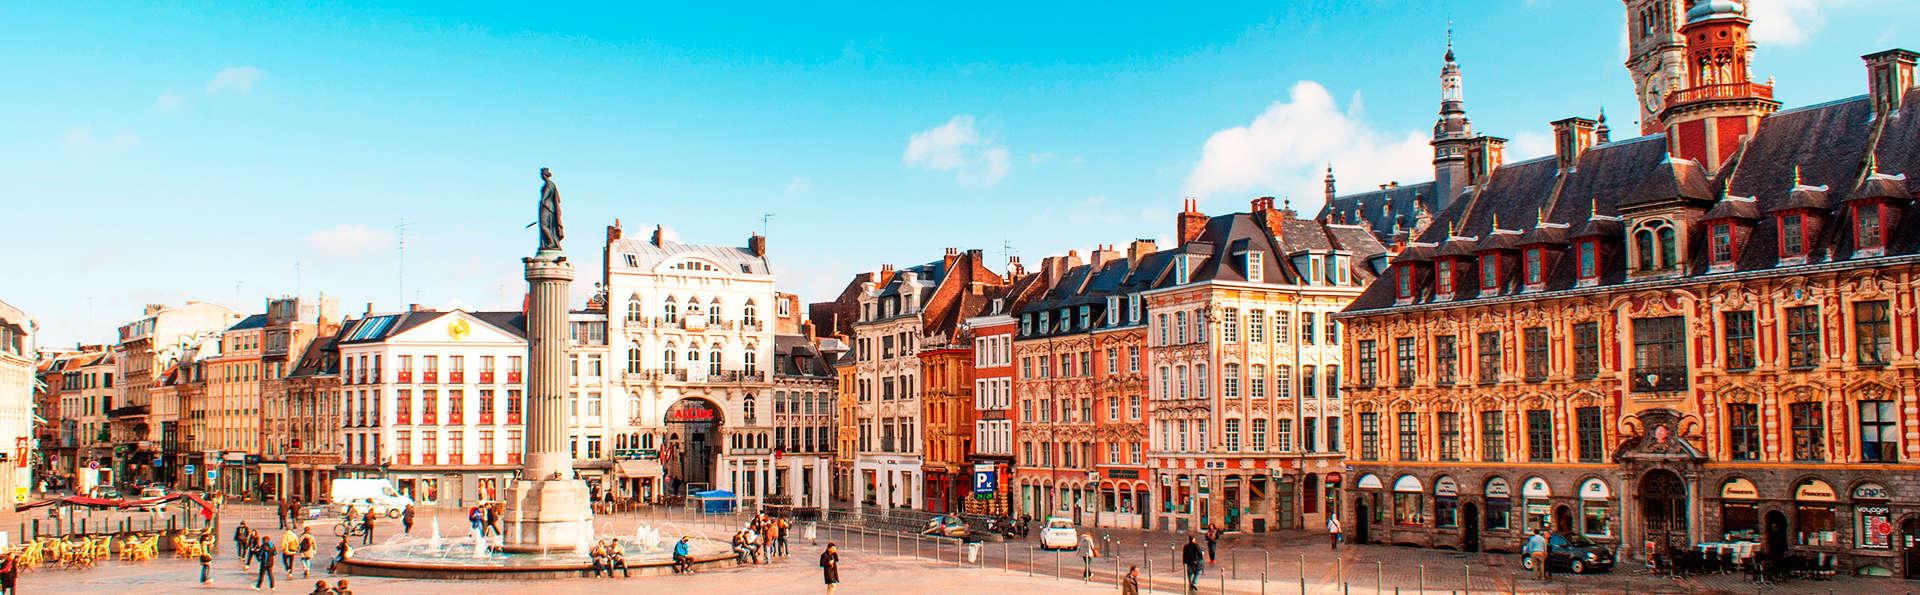 Escapade au cœur de Lille